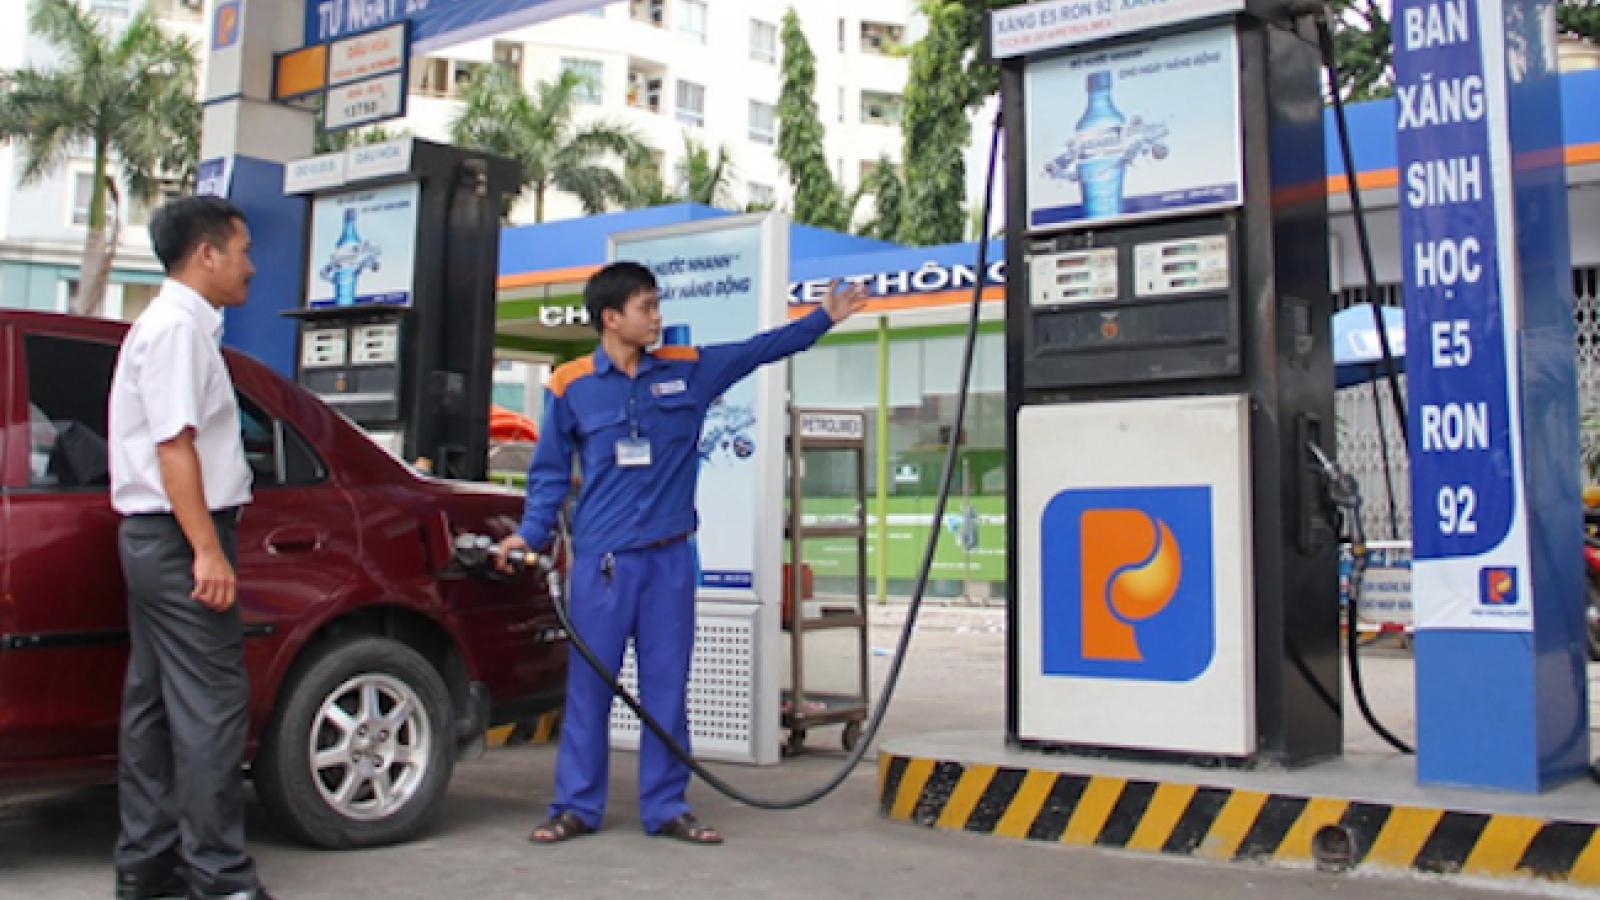 Giá giảm kỷ lục, quỹ bình ổn giá xăng dầu dư hơn 4.958 tỷ đồng